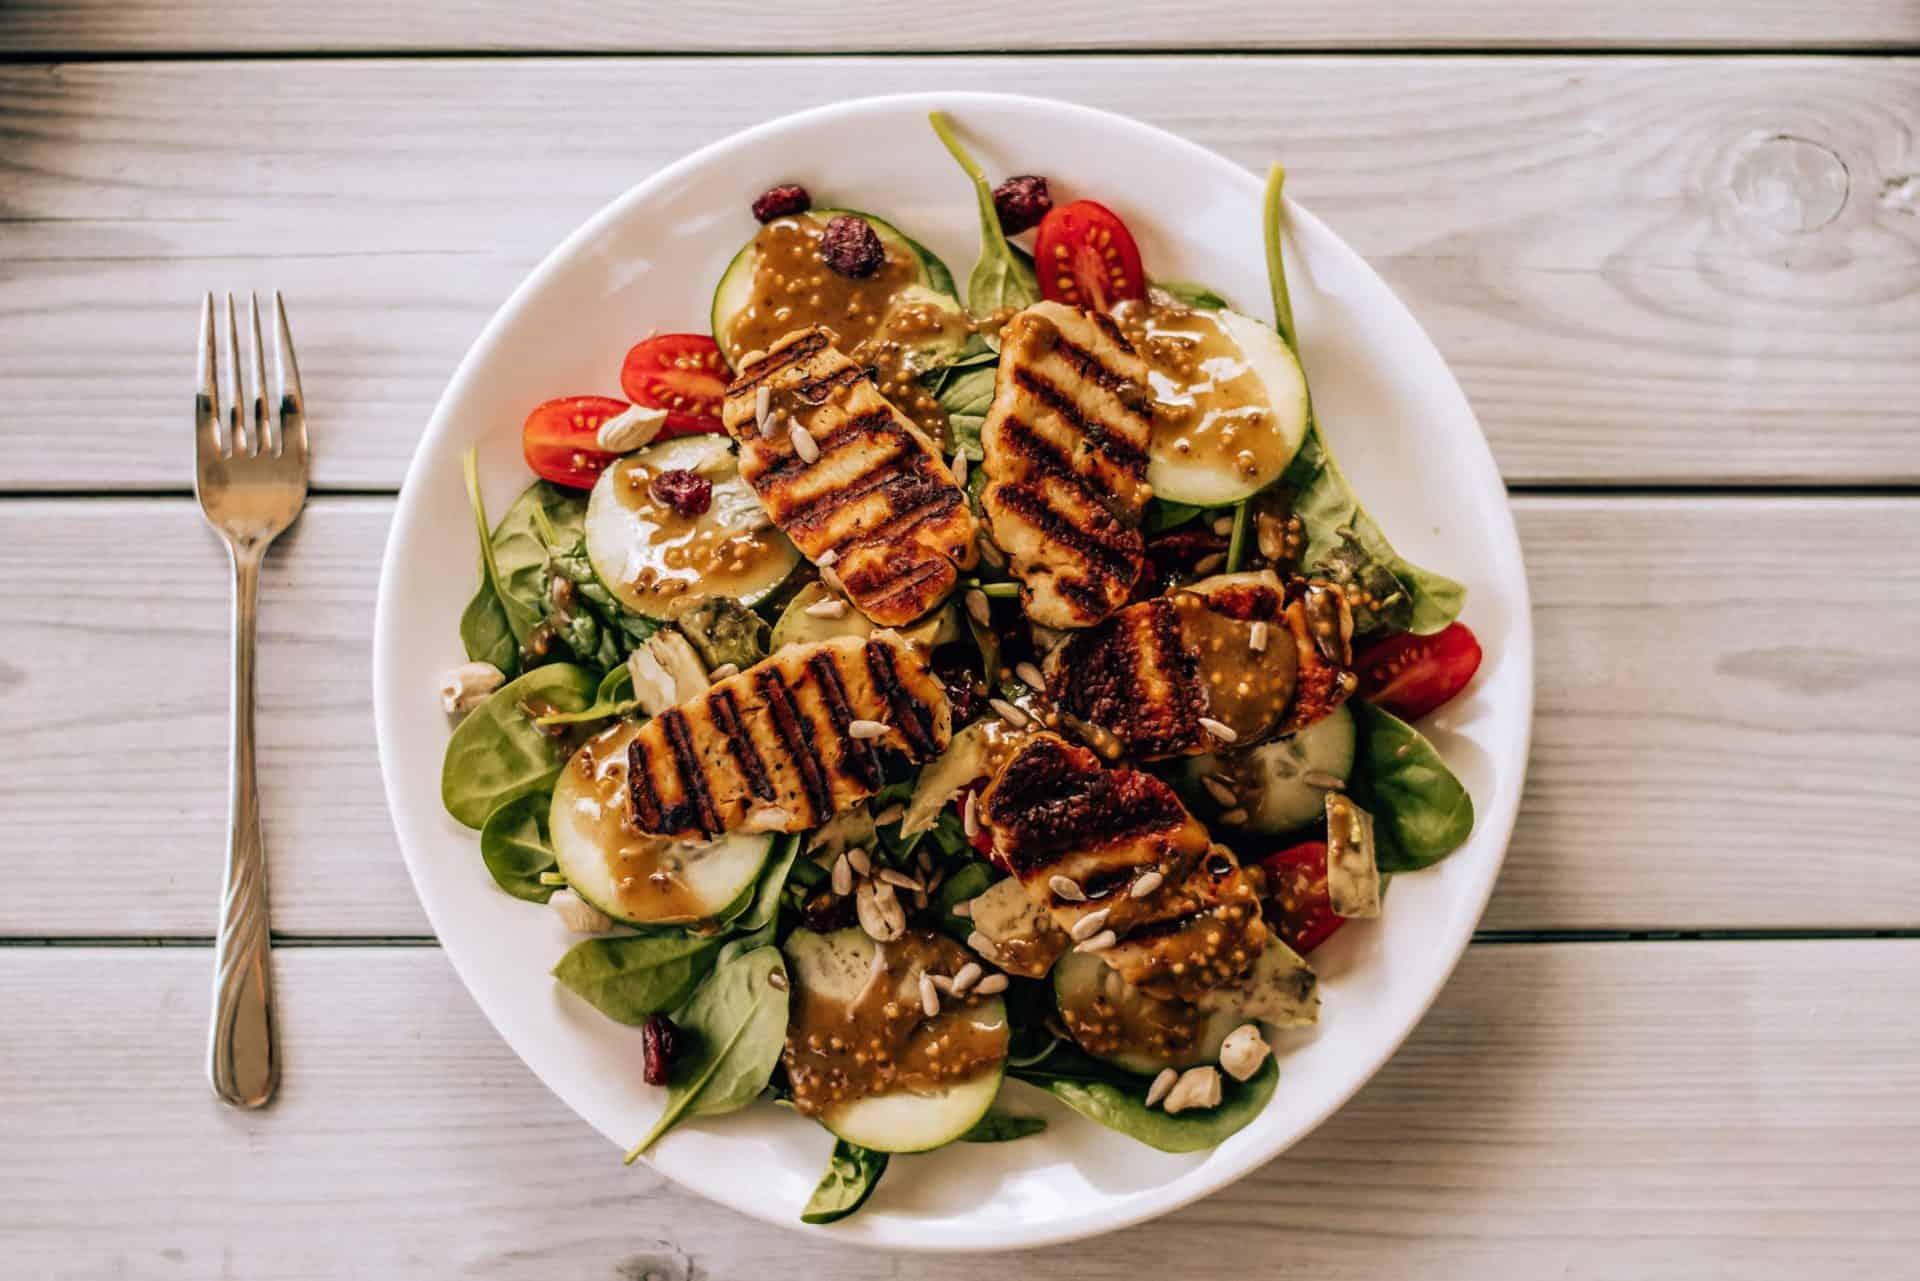 Stoffwechsel & Brennwert des Essens